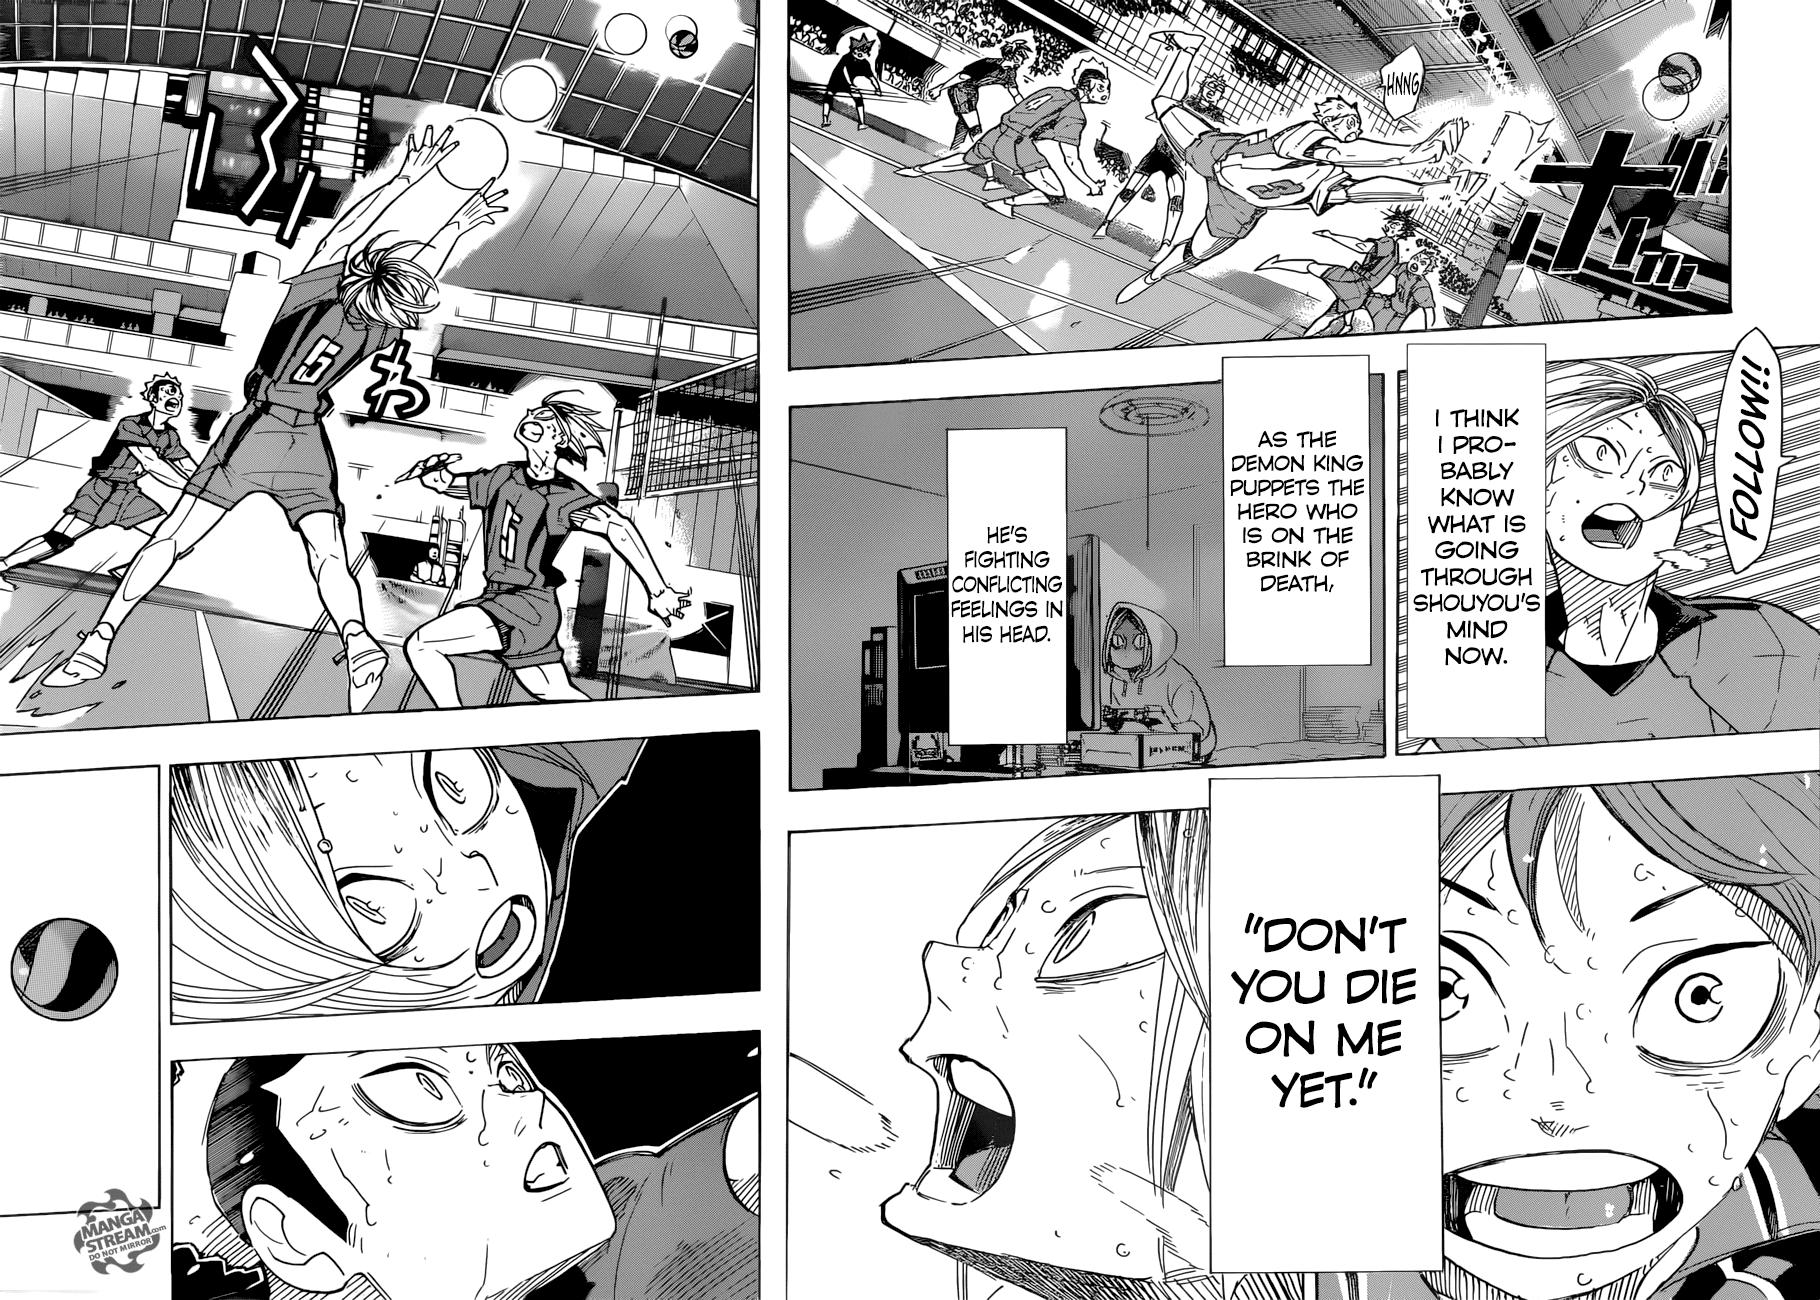 Haikyuu Chapter 323 Read Haikyuu Manga Online Haikyuu Manga Haikyuu Haikyuu Anime Chàng khổng lồ tí hon. haikyuu chapter 323 read haikyuu